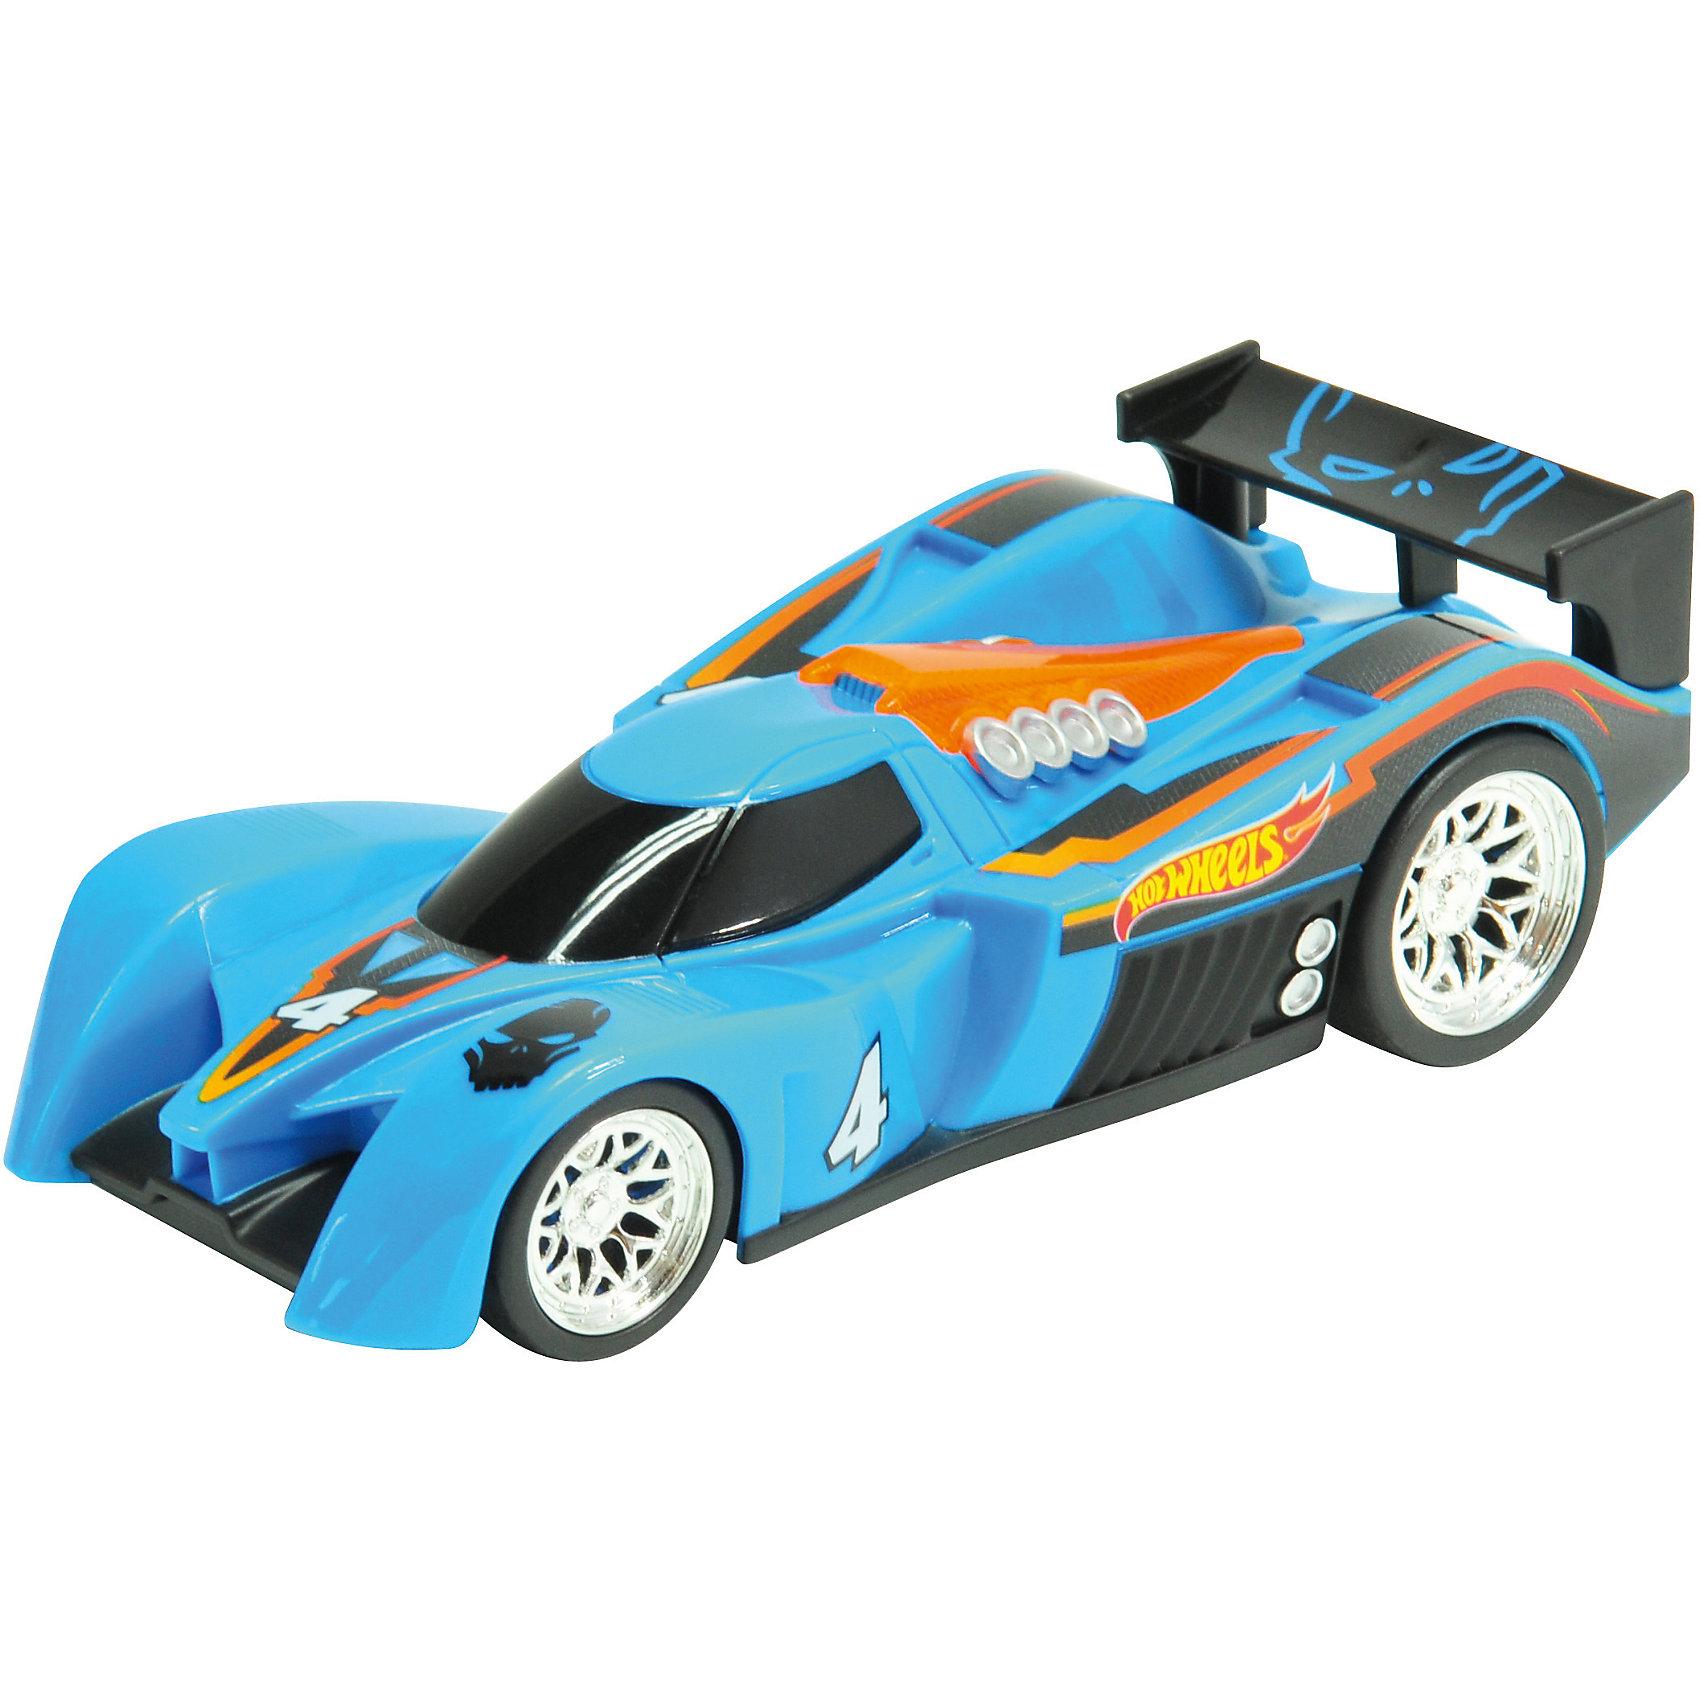 Машинка - 24 Ours (свет, звук), синяя, 14 см, Hot WheelsХарактеристики товара:<br><br>- цвет: синий;<br>- материал: пластик, металл;<br>- особенности: инерционная, со световыми эффектами;<br>- вес: 200 г;<br>- размер упаковки: 9х13х18;<br>- размер машинки: 14 см.<br><br>Какой мальчишка откажется поиграть с коллекционной машинкой Hot Wheels, которая выглядит как настоящая?! Машинка очень эффектно смотрится, она дополнена световыми эффектами и инерционным механизмом. Игрушка отлично детализирована, очень качественно выполнена, поэтому она станет отличным подарком ребенку. Продается в красивой упаковке.<br>Изделия произведены из высококачественного материала, безопасного для детей.<br><br>Механическую машинку Hot Wheels можно купить в нашем интернет-магазине.<br><br>Ширина мм: 89<br>Глубина мм: 127<br>Высота мм: 178<br>Вес г: 184<br>Возраст от месяцев: 36<br>Возраст до месяцев: 2147483647<br>Пол: Мужской<br>Возраст: Детский<br>SKU: 5066710